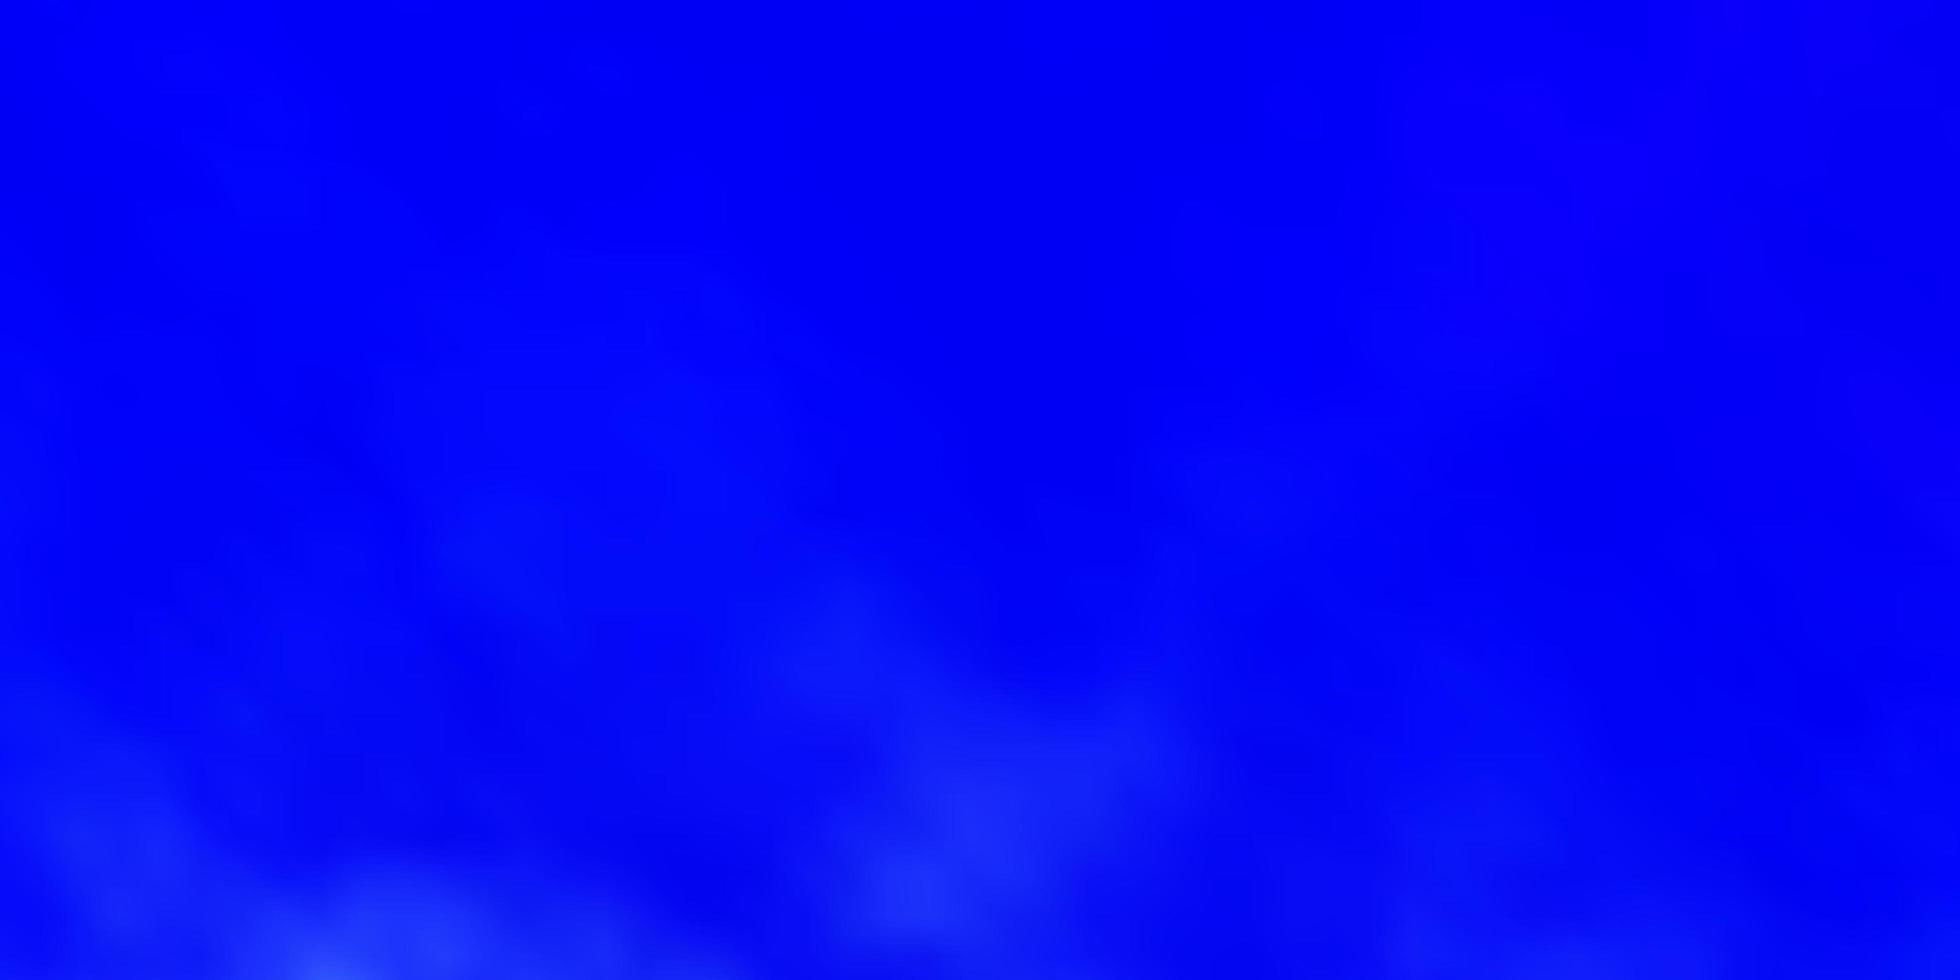 hellblaues Vektorlayout mit Wolkenlandschaft. vektor